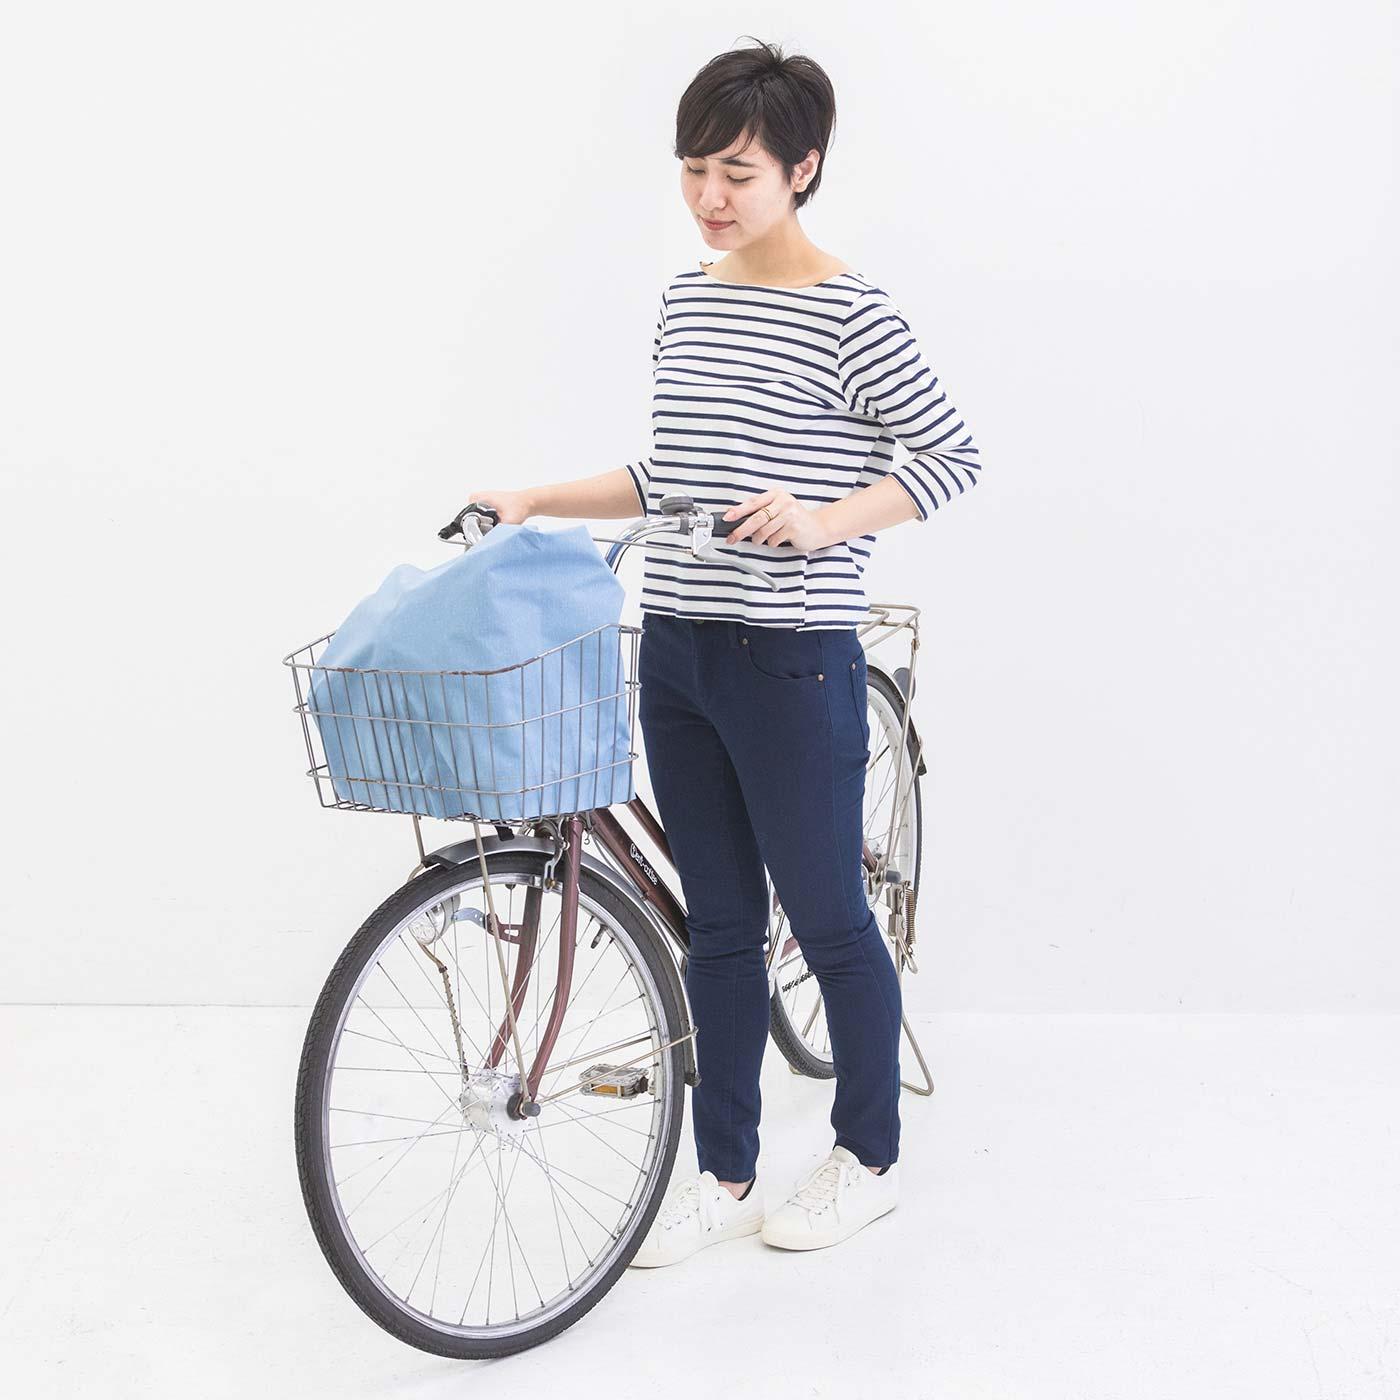 自転車の前かごを覆う。